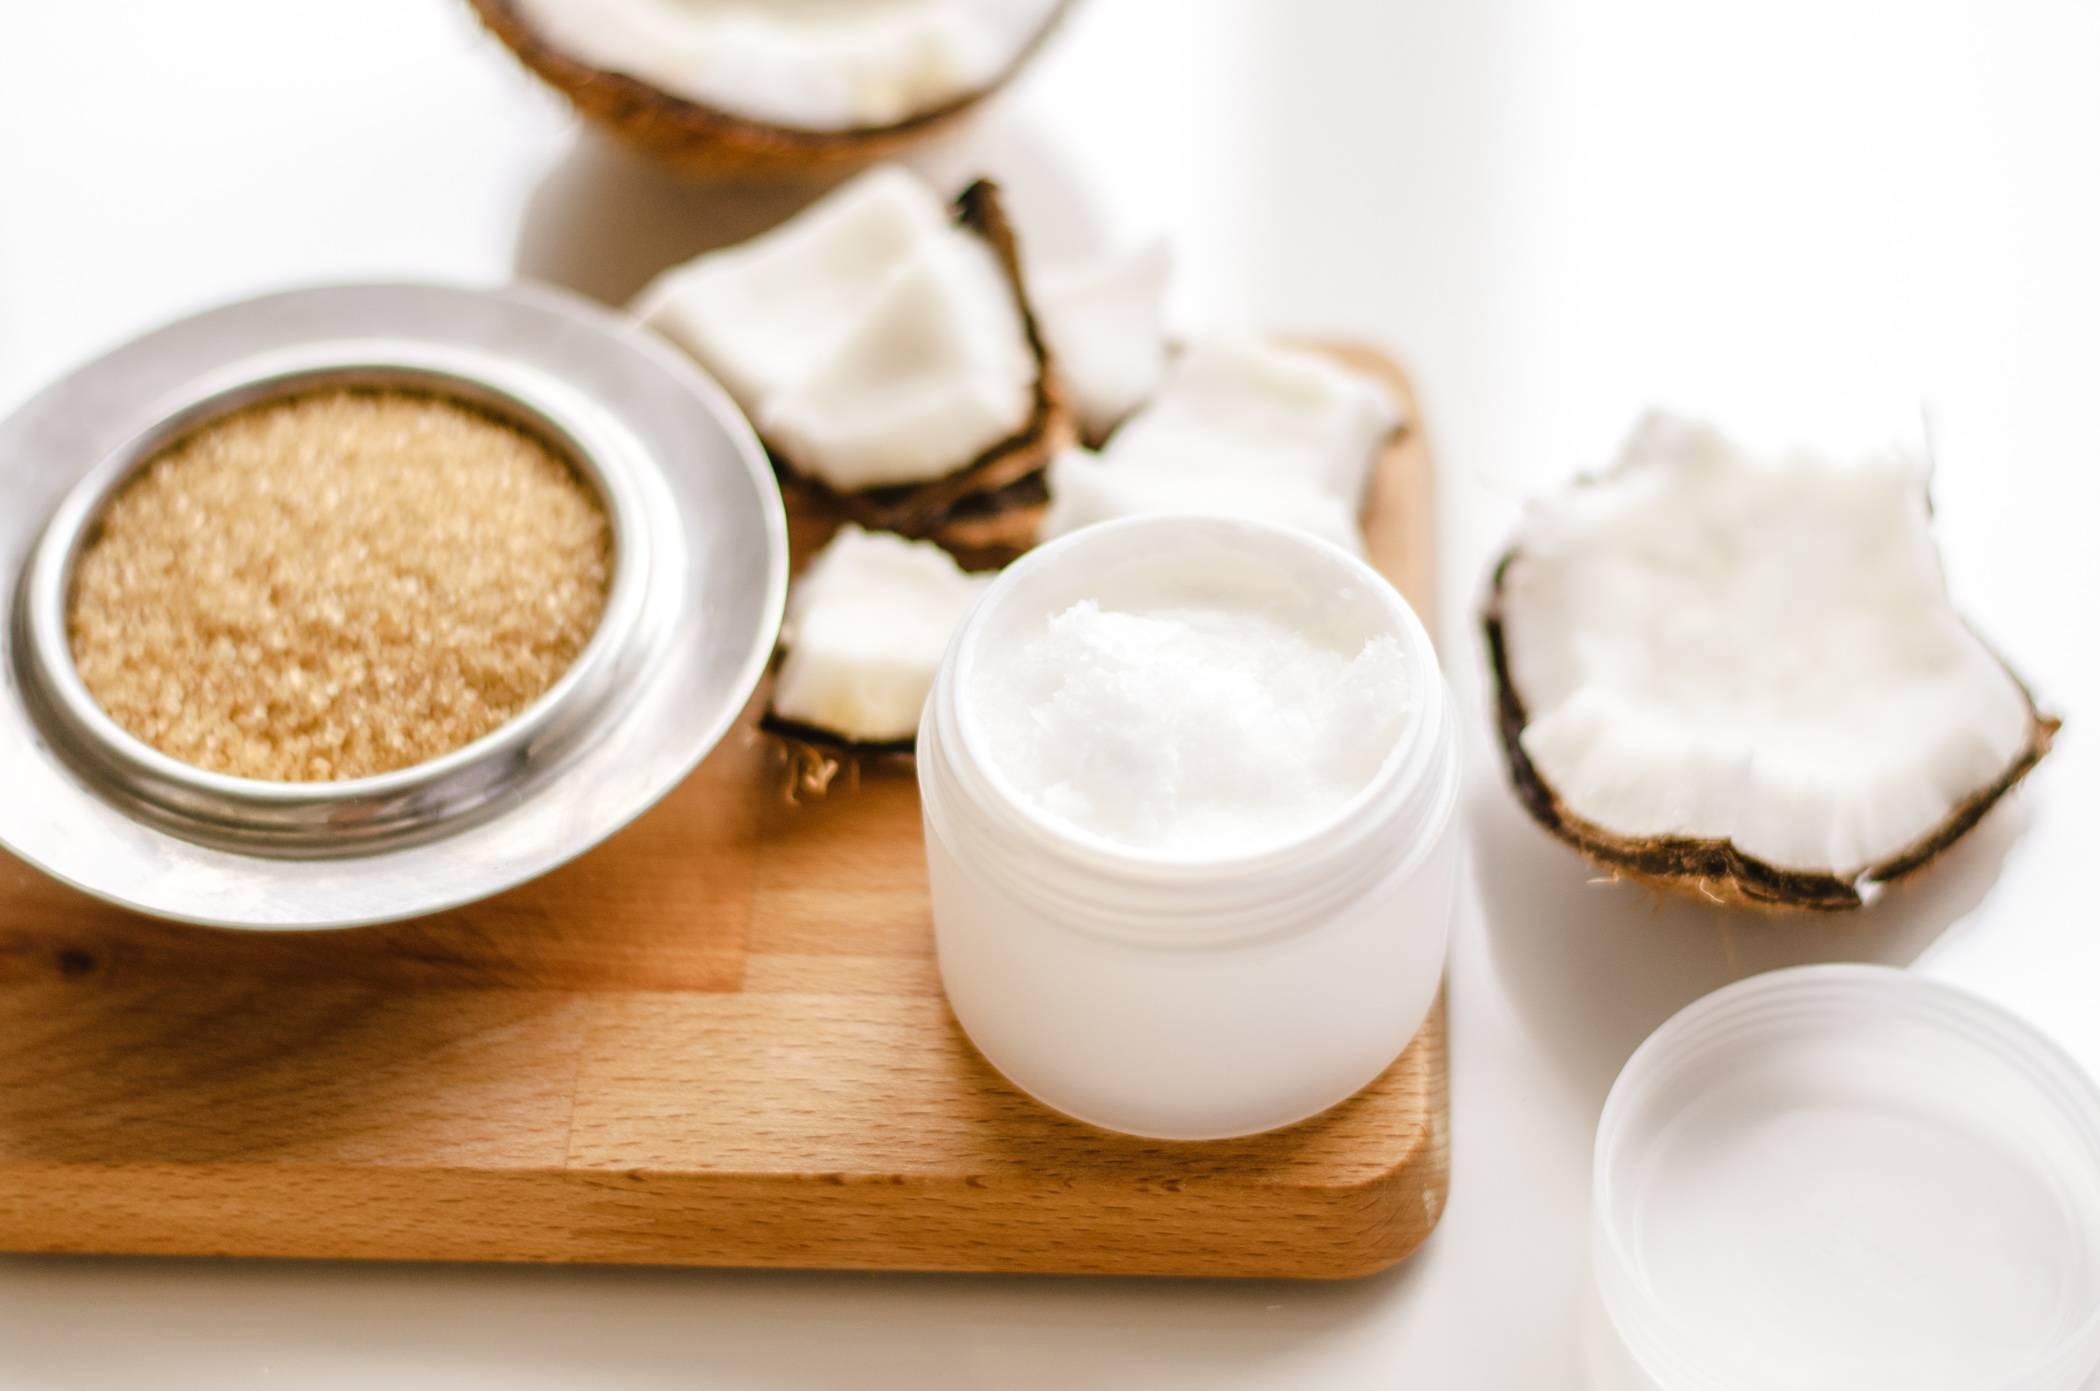 Кокосовое масло от растяжек при беременности — полезные свойства, применение и отзывы